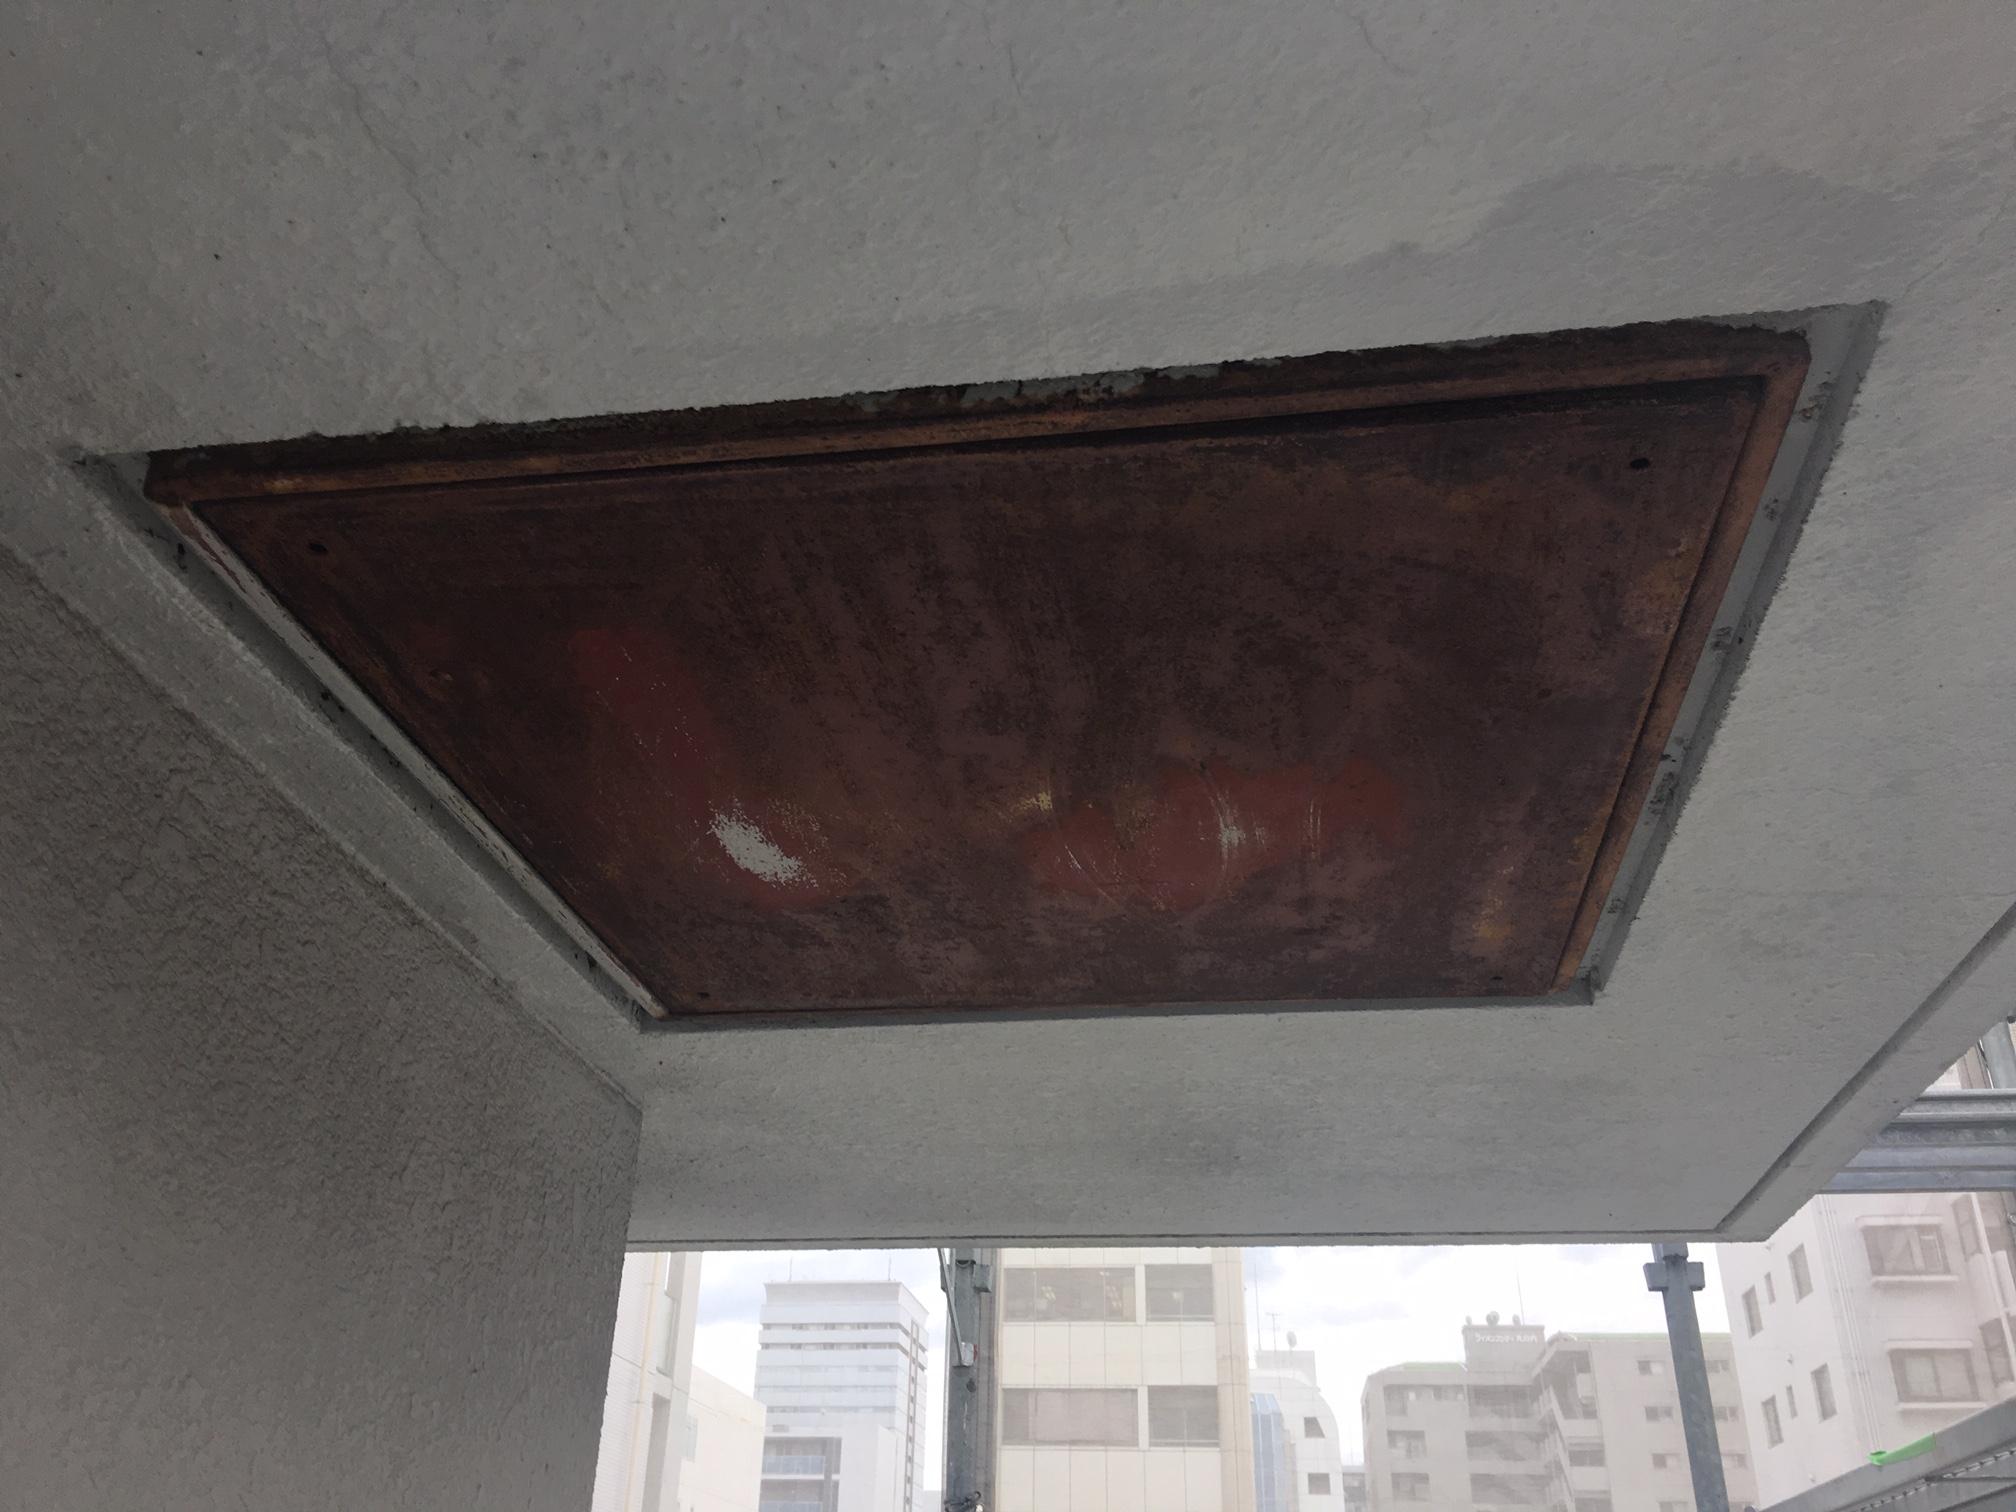 ハッチ塗装前 名古屋市中区オフィス避難ハッチ塗替え